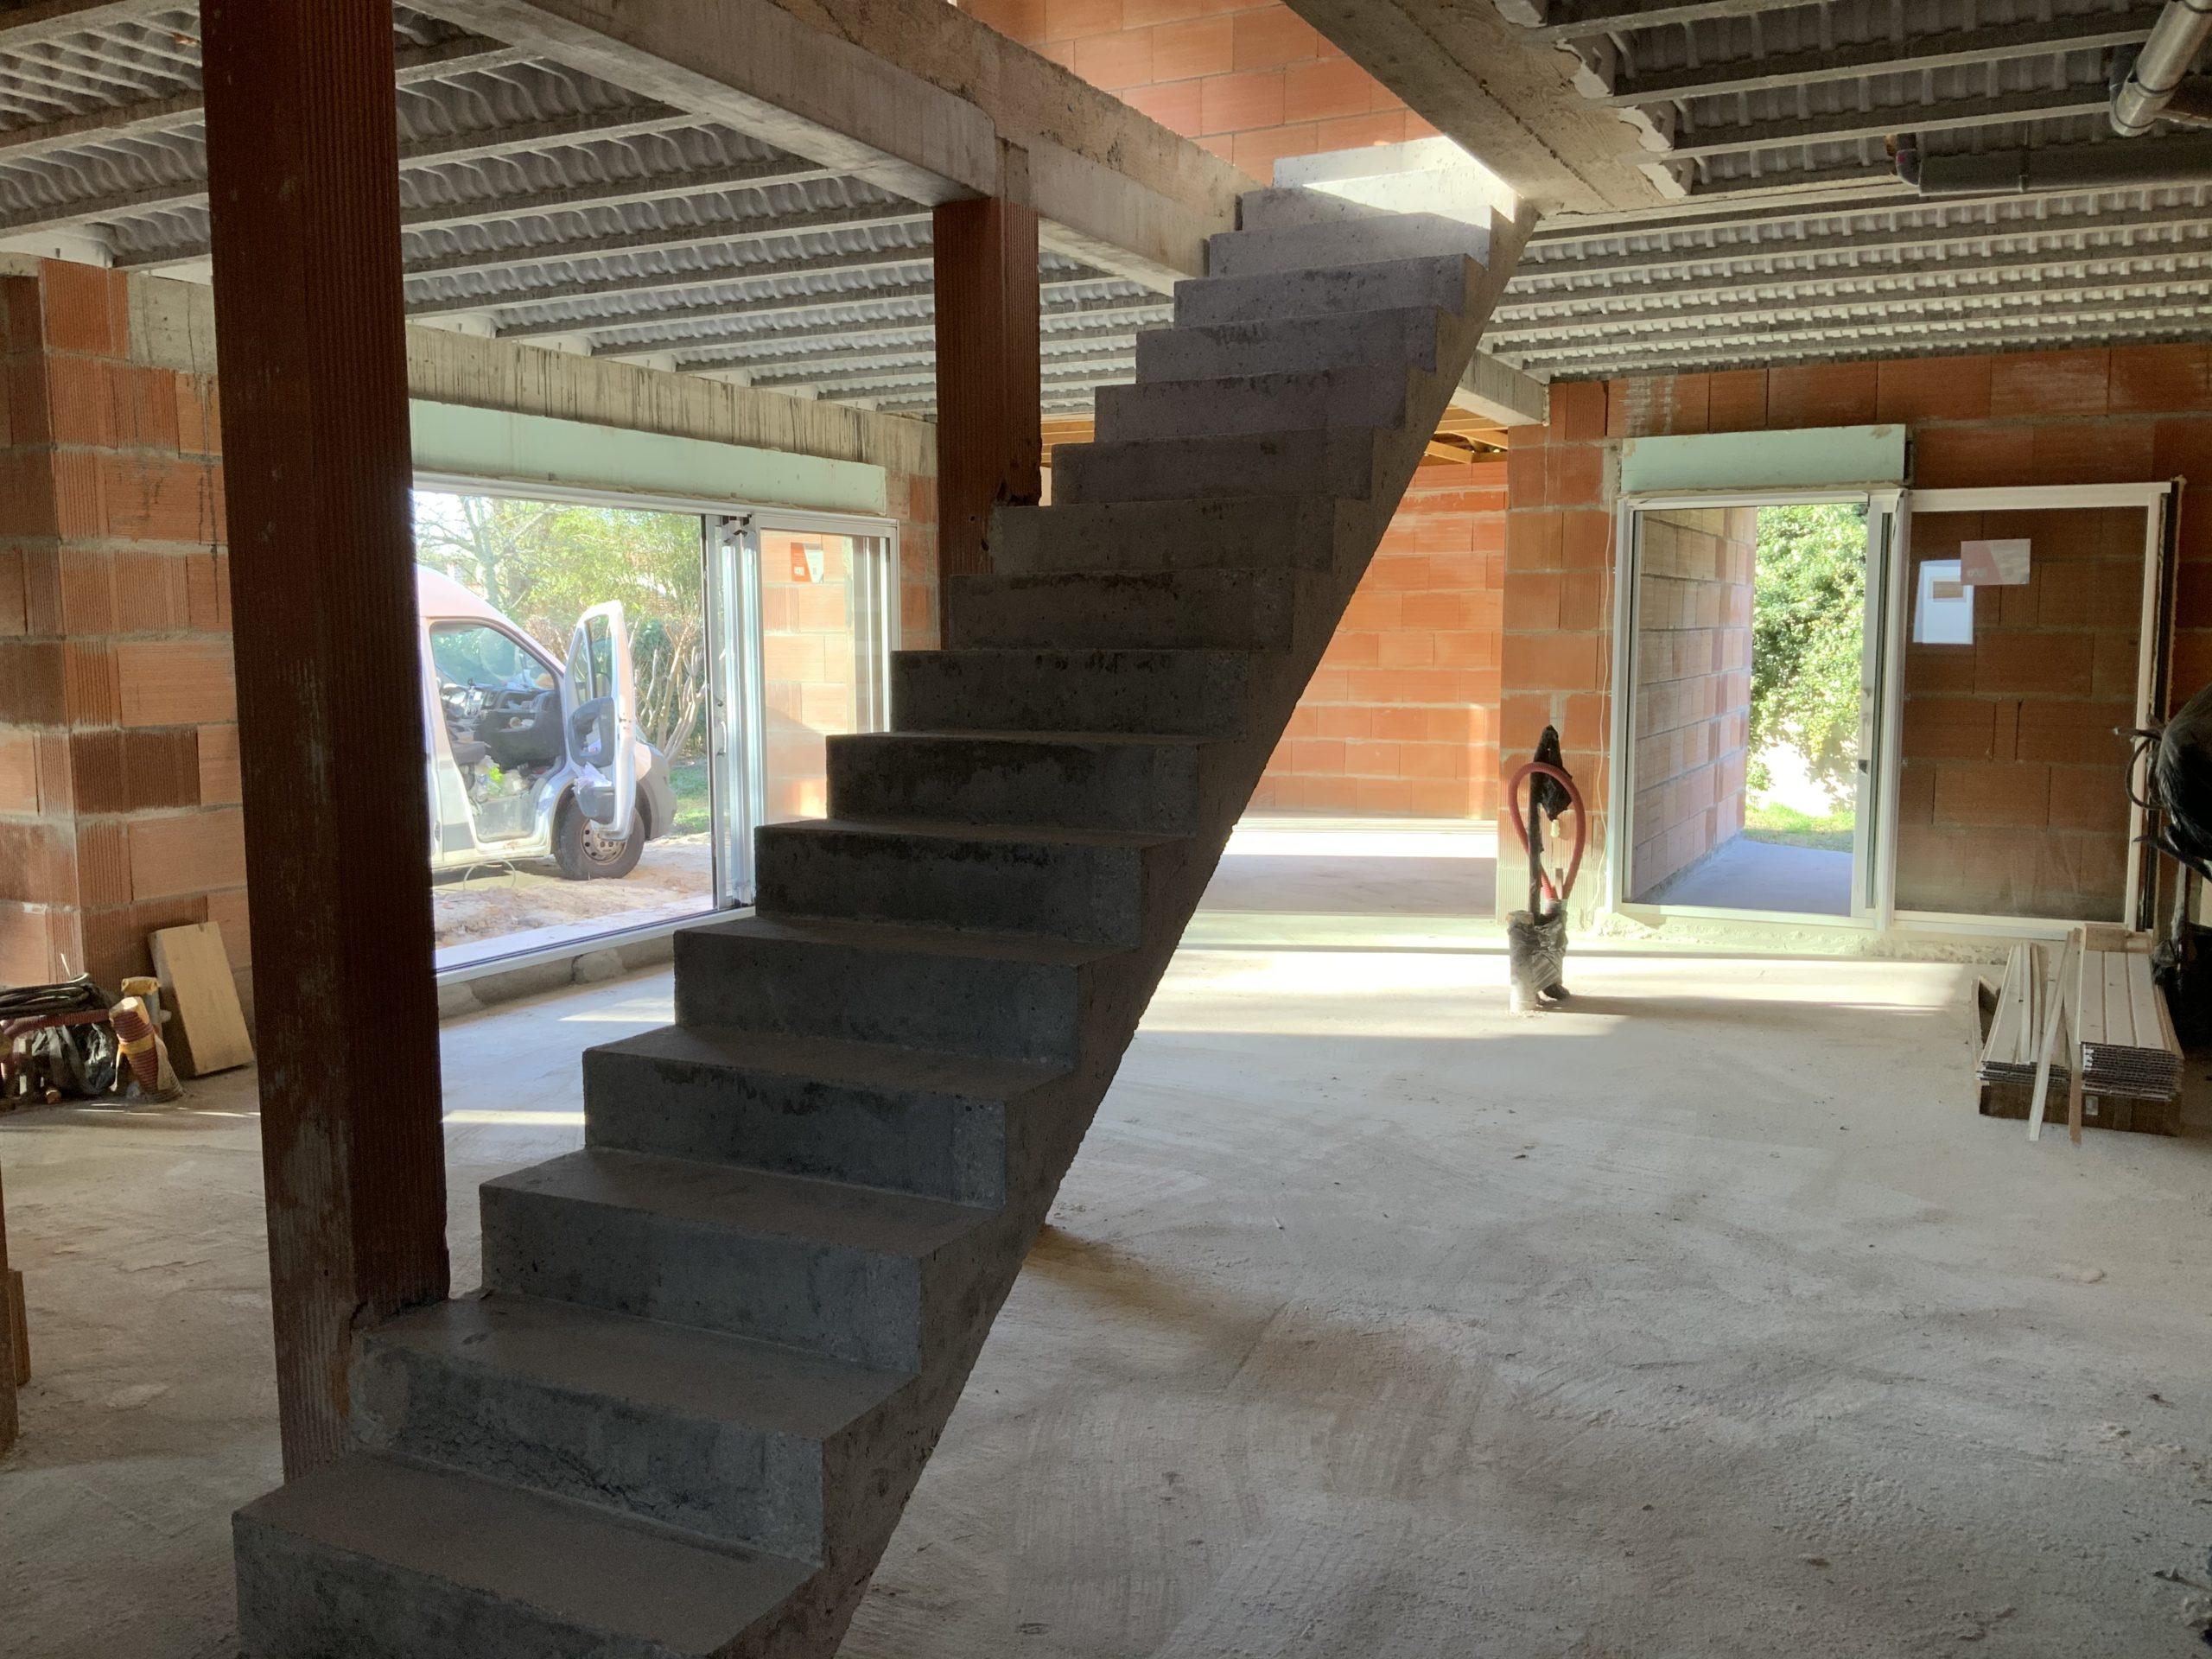 Escalier beton dans un maison en construction entre Bordeaux et Biganos